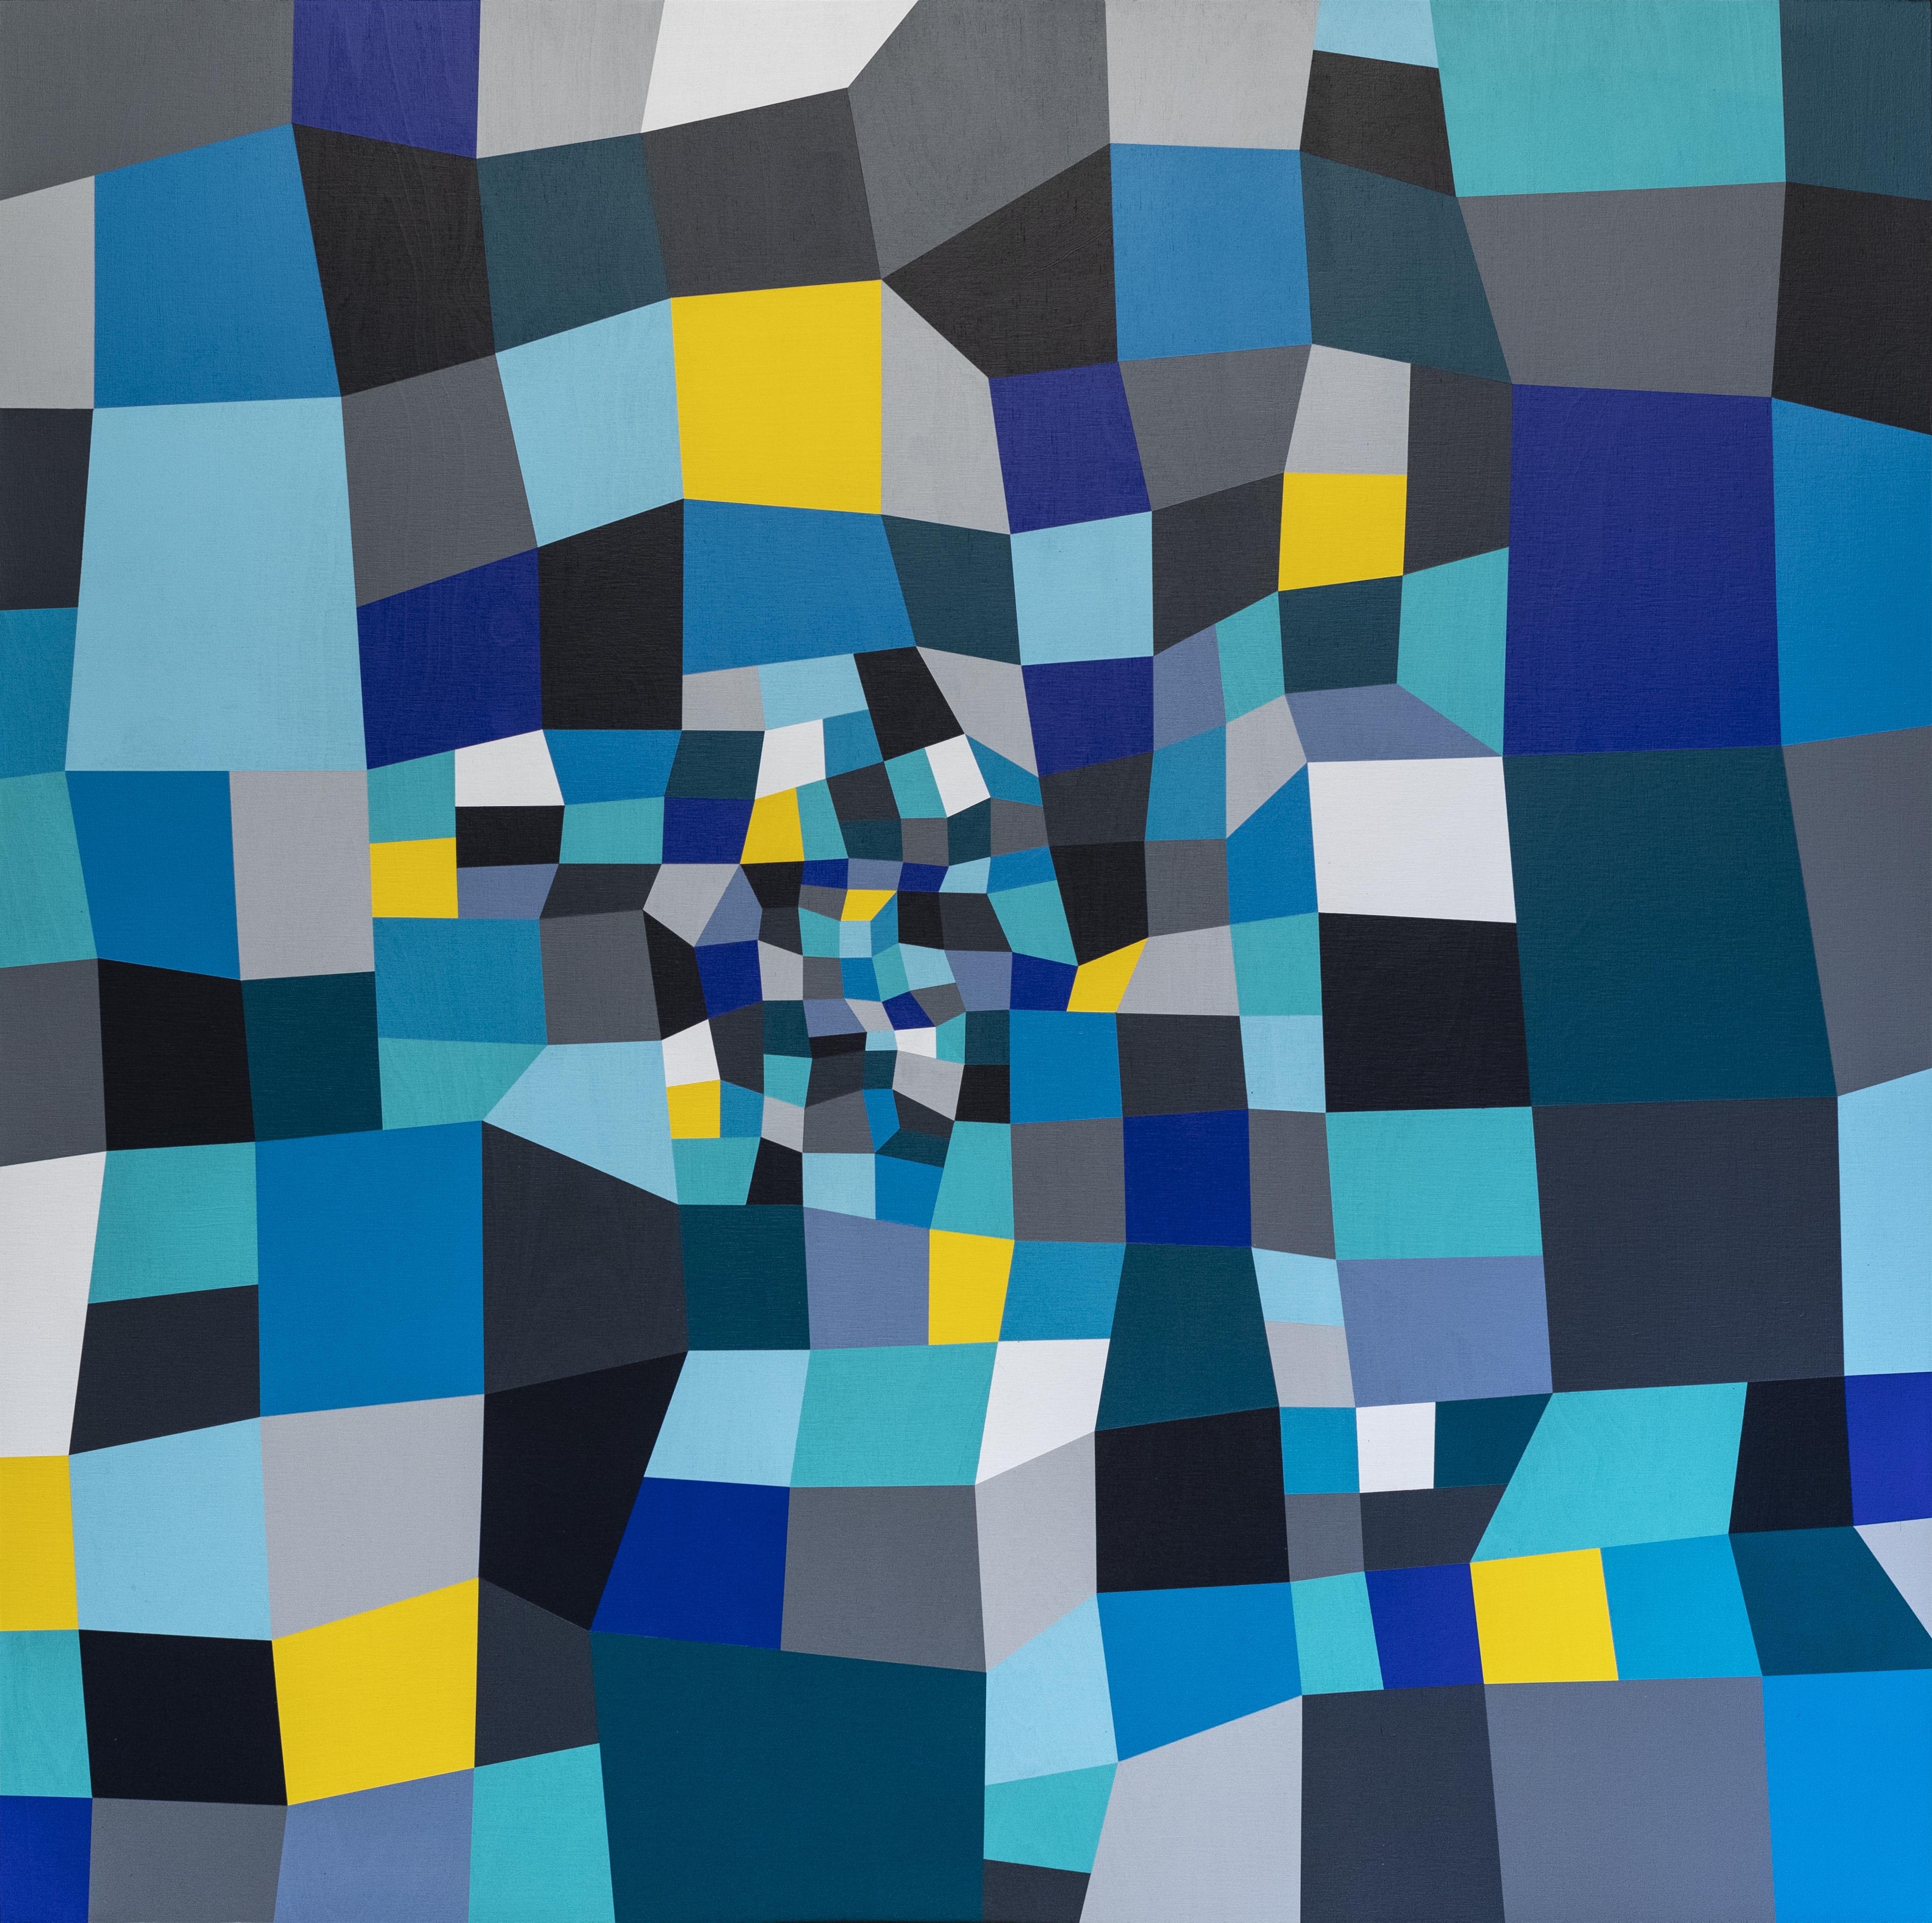 Farbraum - Blau/Grau/Gelb - Acrylmalerei